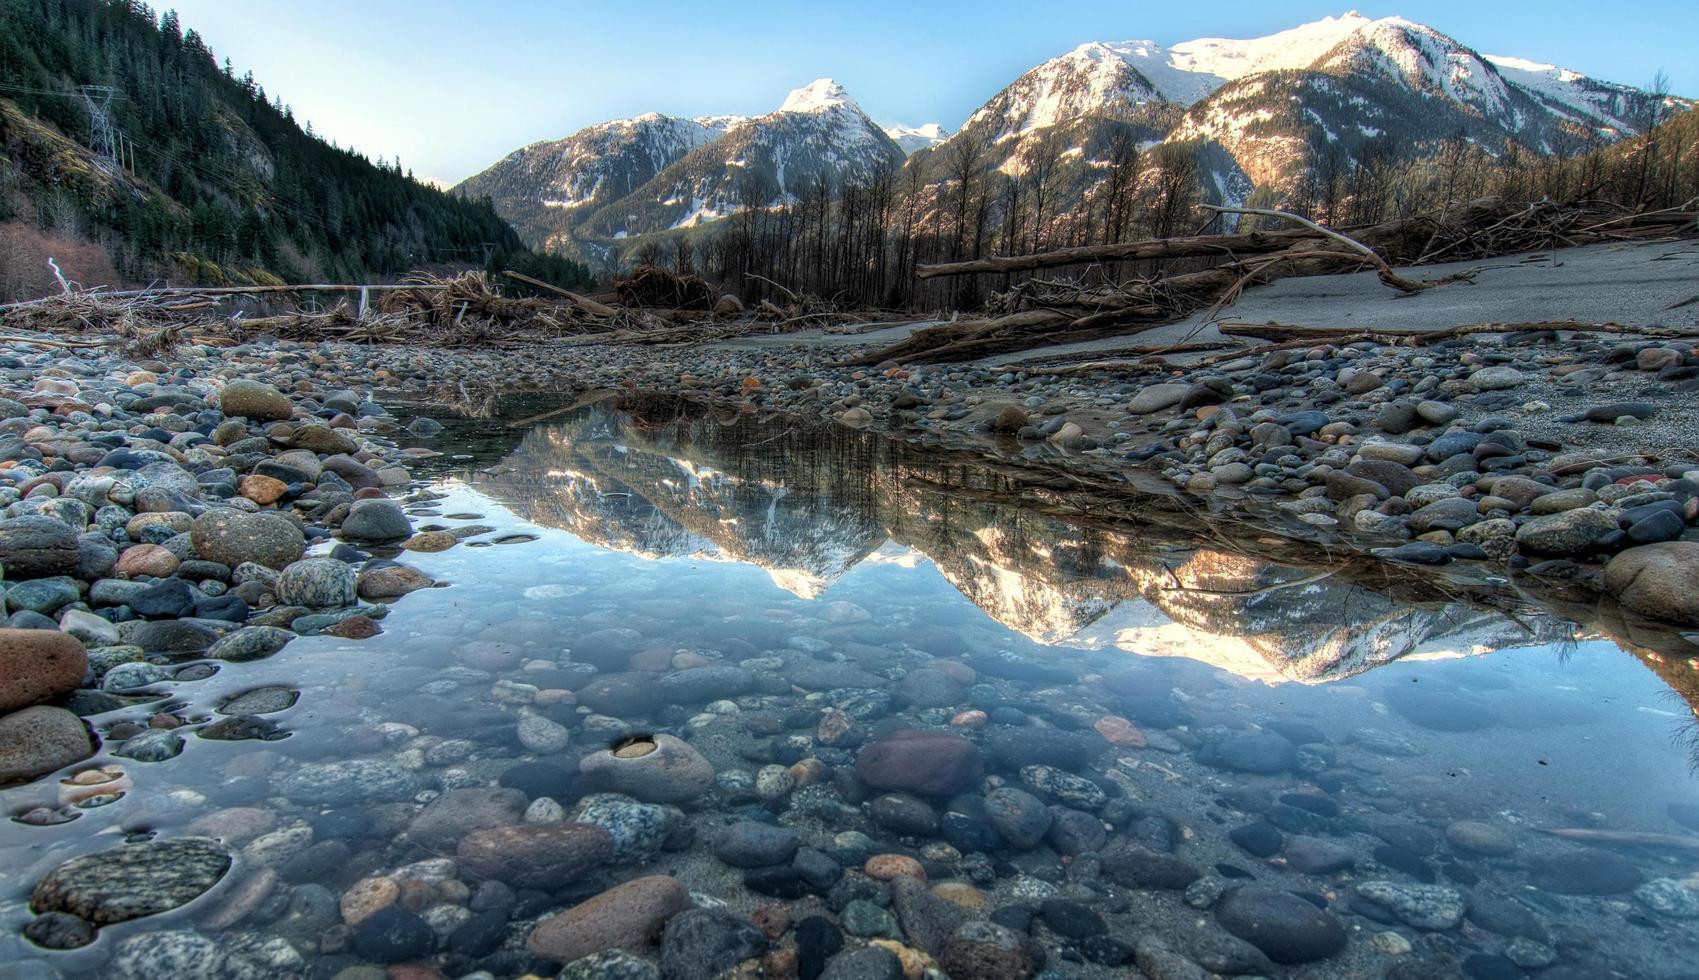 weerspiegeling van bergen in water foto